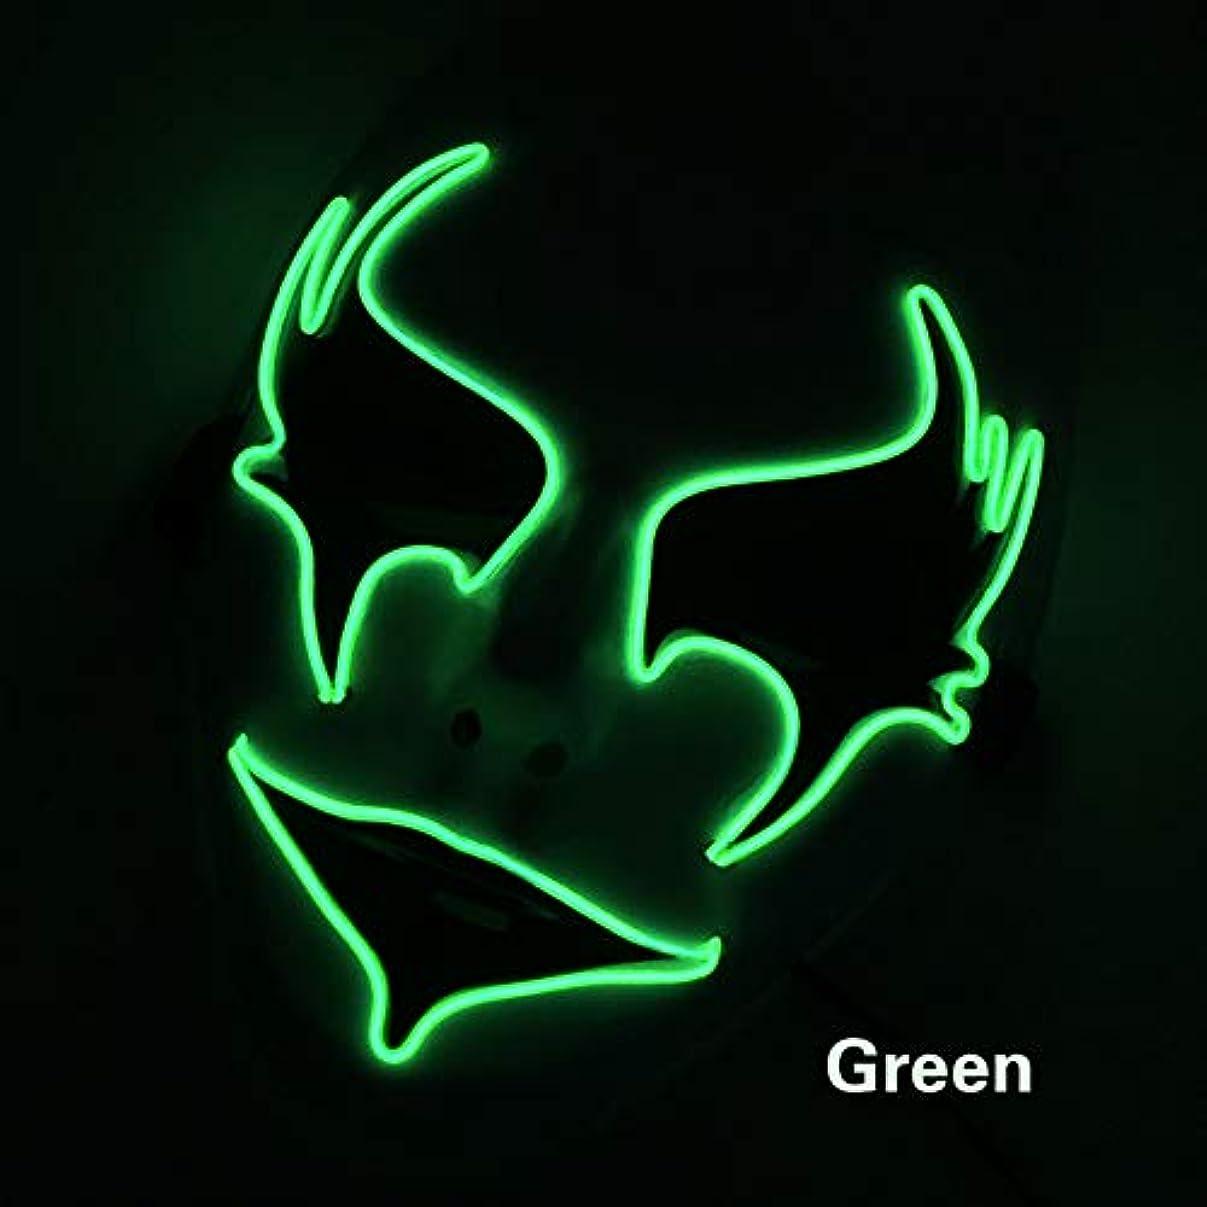 割り当て愛国的な特権的手塗り ウォーターヒヤシンス イルミネーション LED ハロウィン マスク 2個 EL ワイヤー コスプレ フェスティバル 化粧 パーティー マスク (18×18Cm) MAG.AL